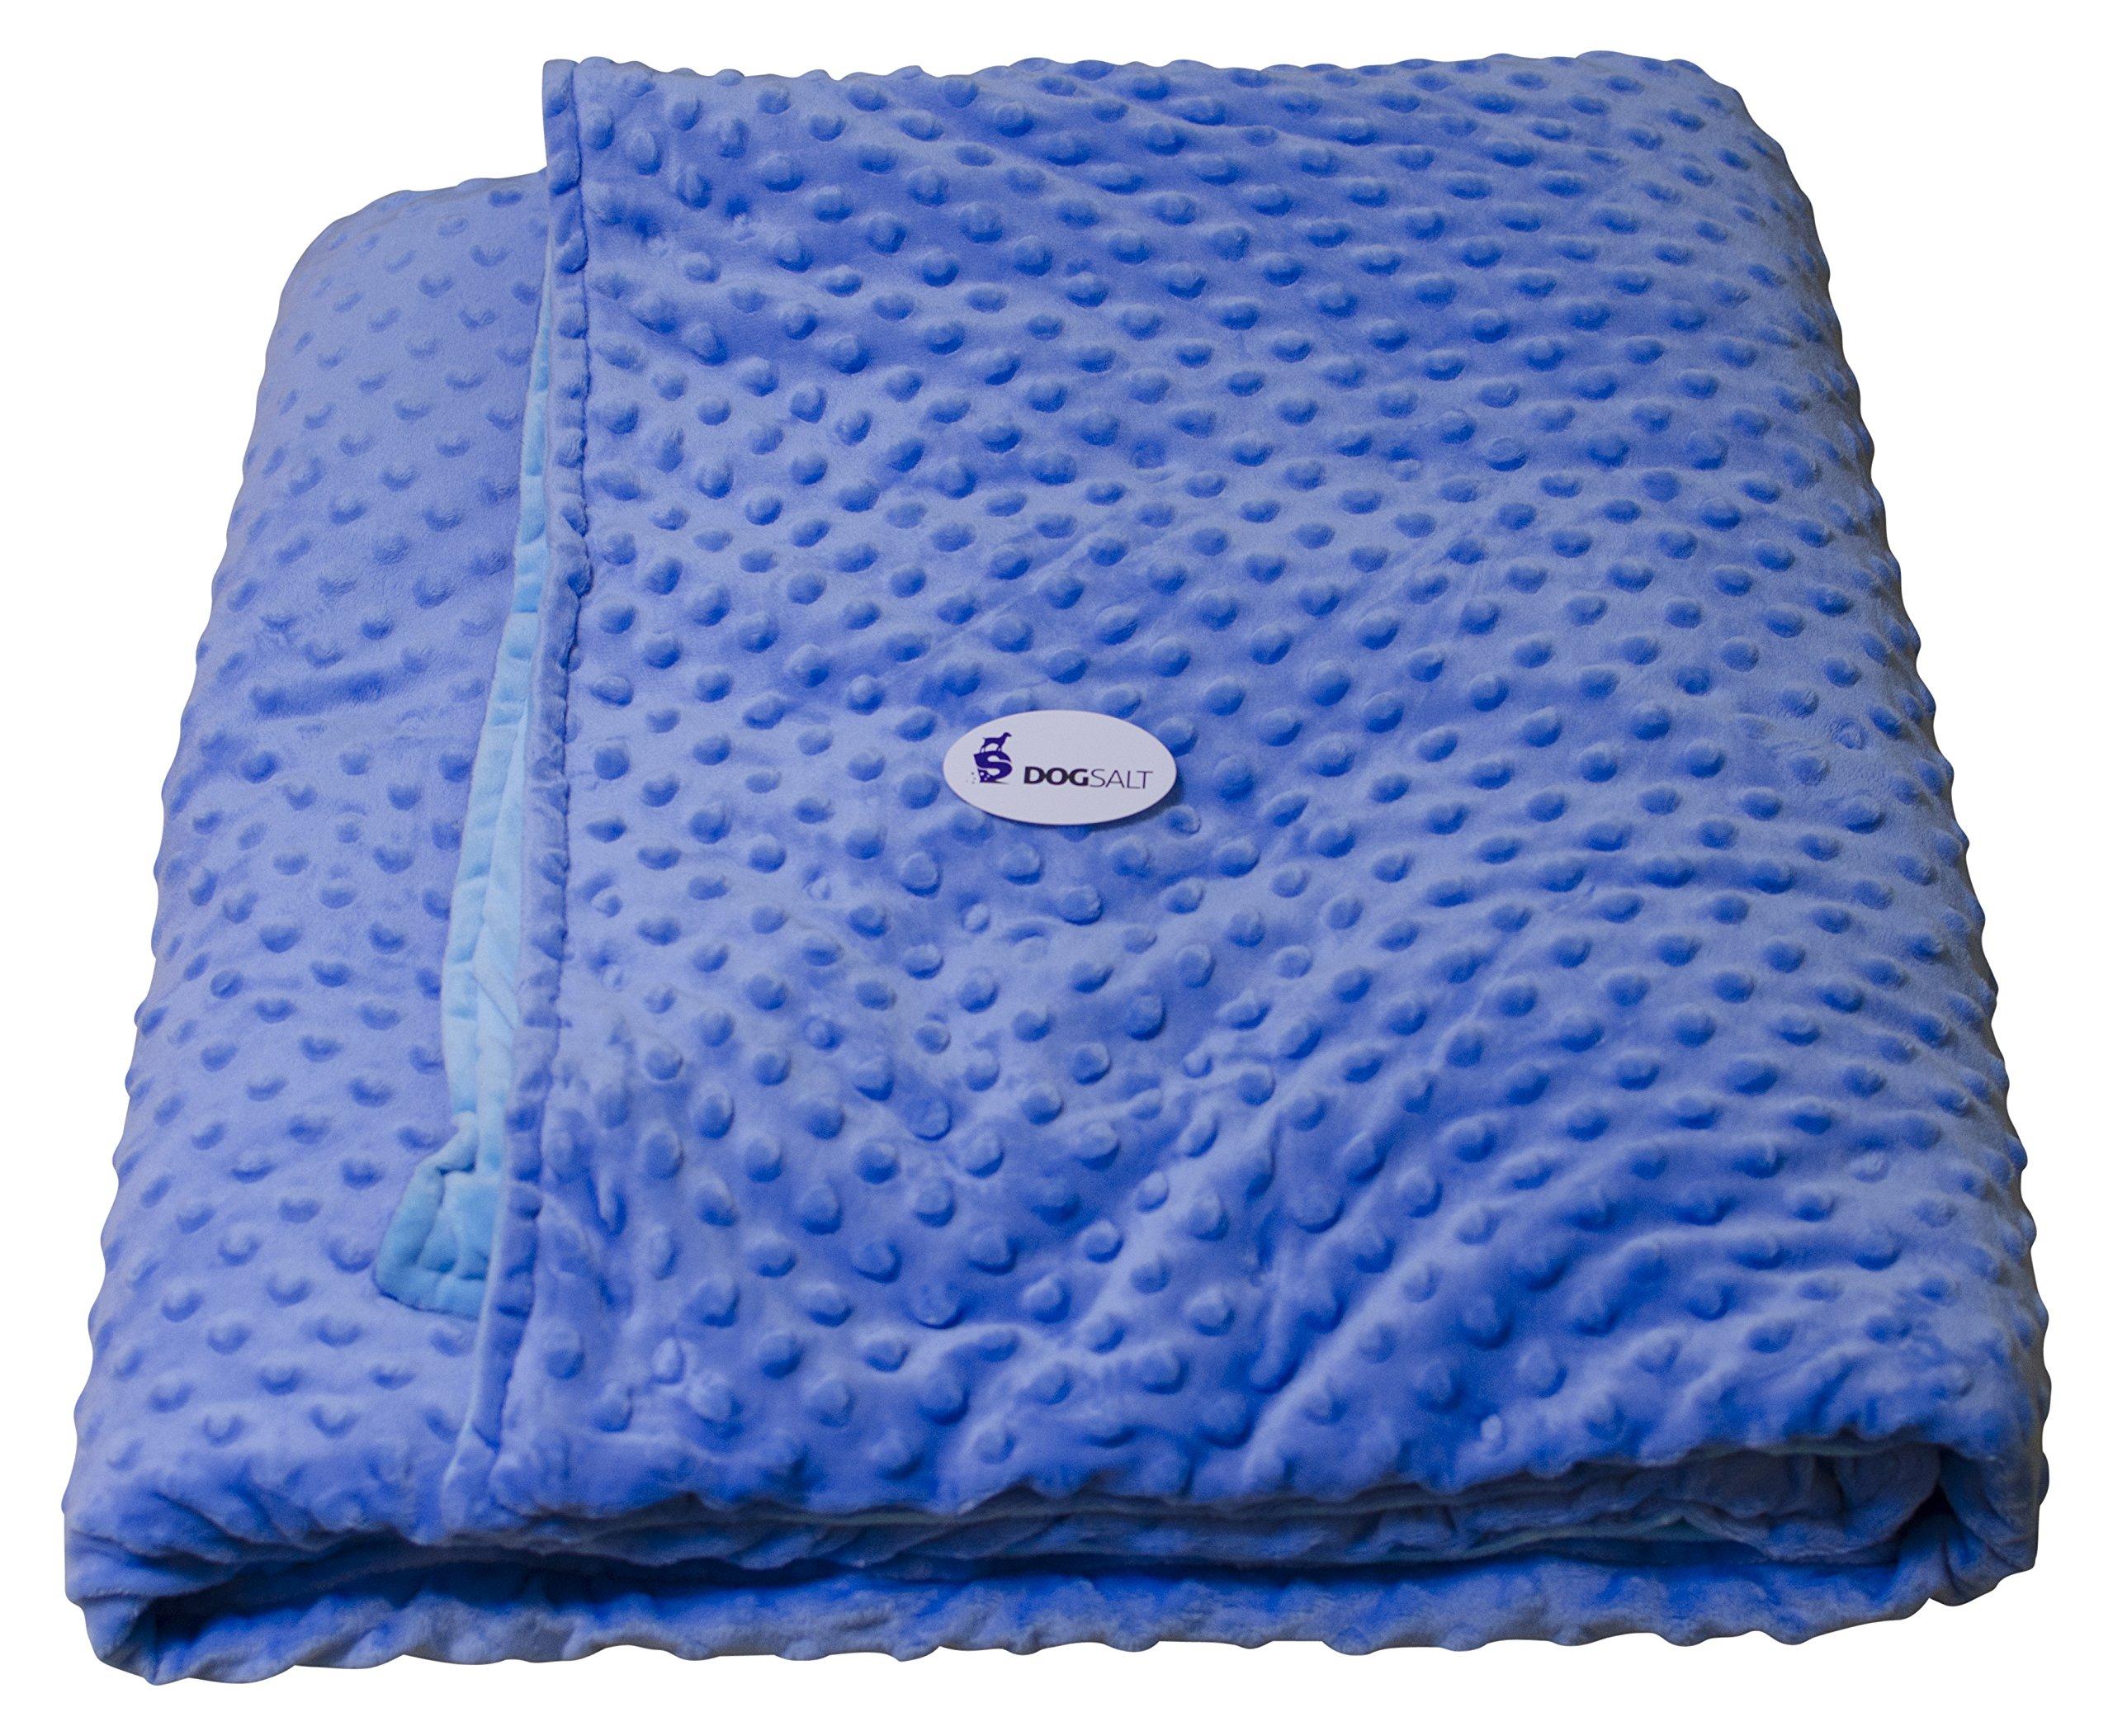 DogSalt's Weighted Blanket (Blue)